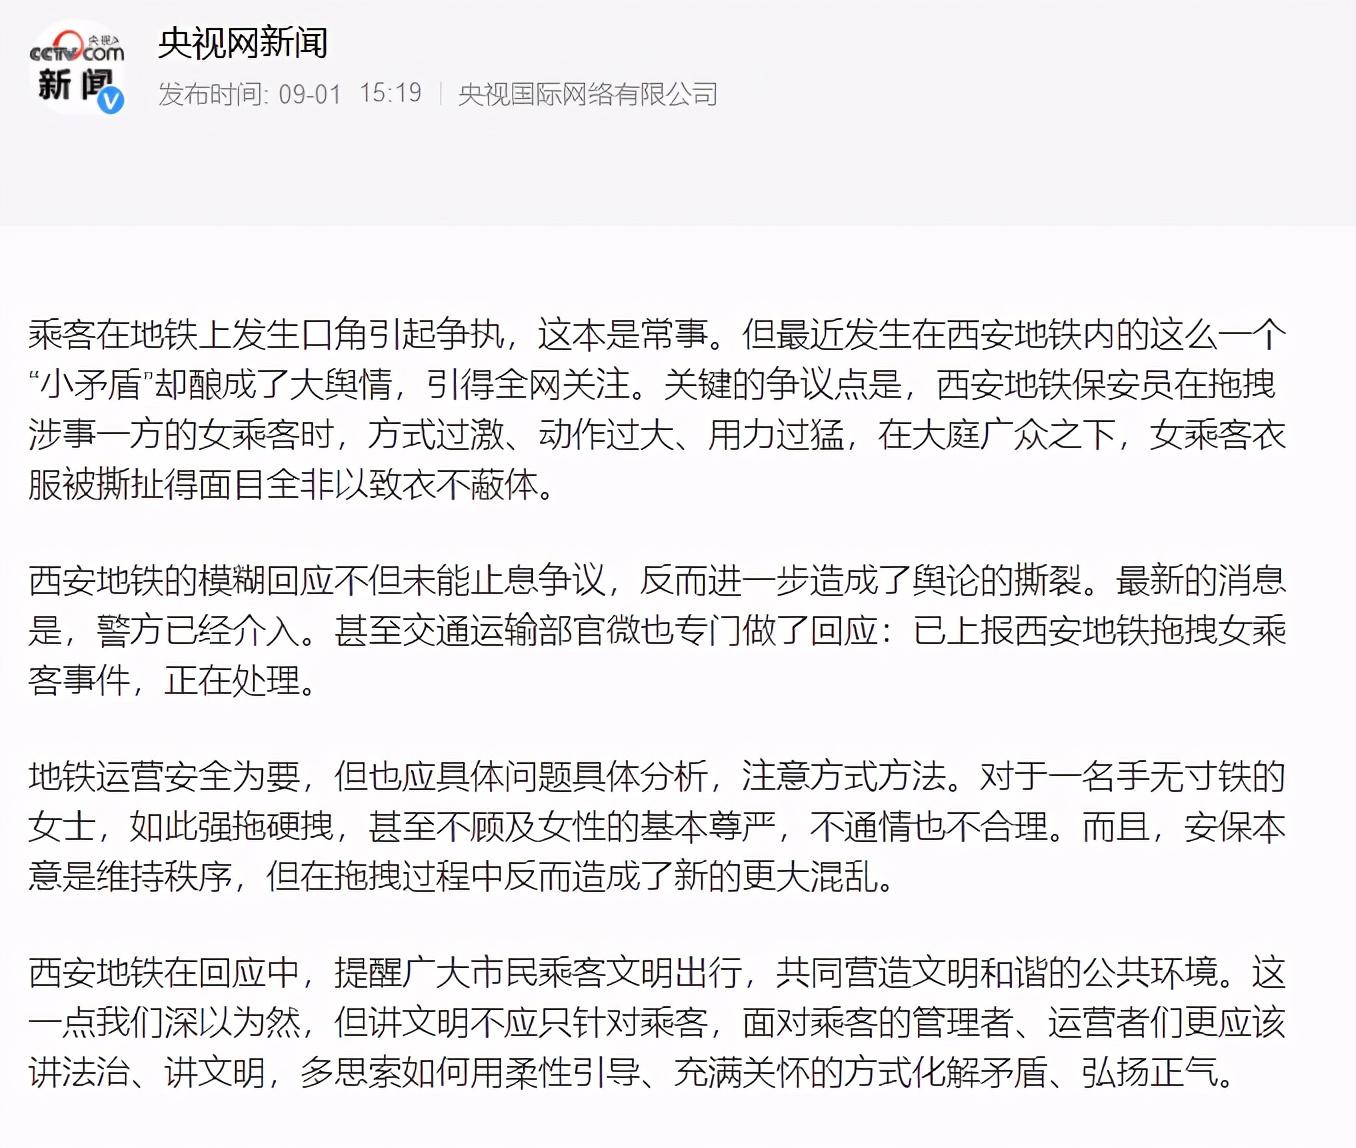 9月1日央视网评西安地铁保安拖拽女乘客事件